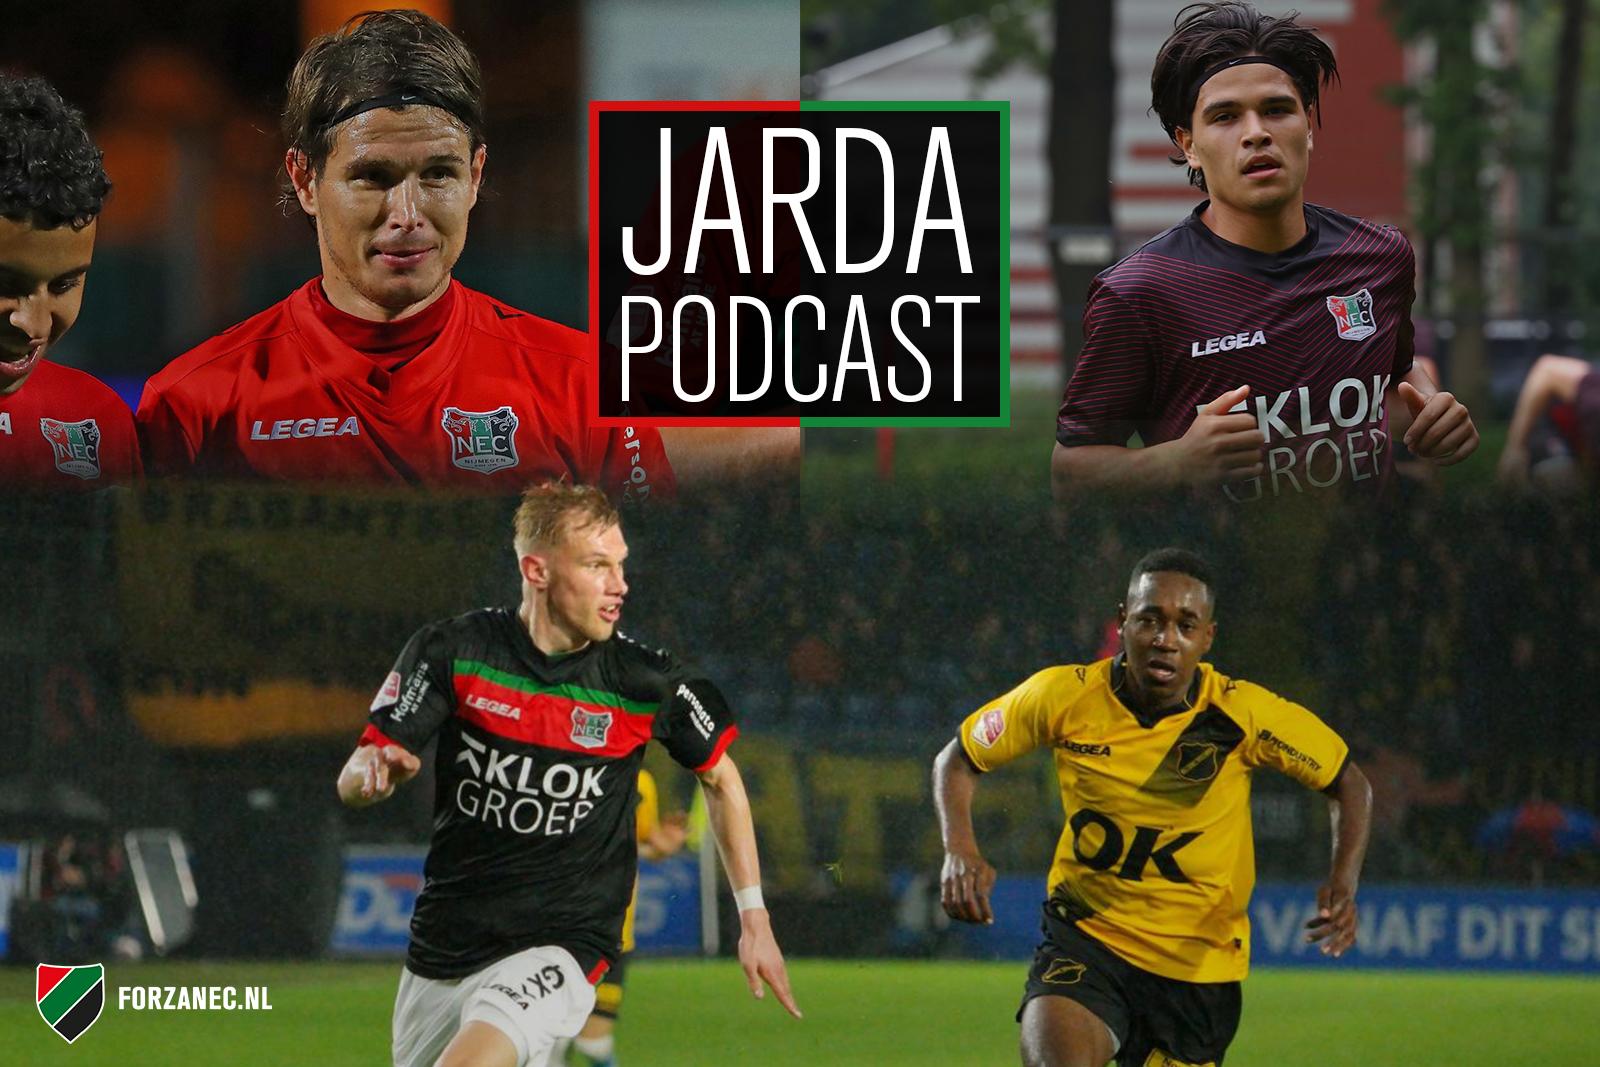 Jarda Podcast #24: Het vak van NAC en de 'blunder' van NEC